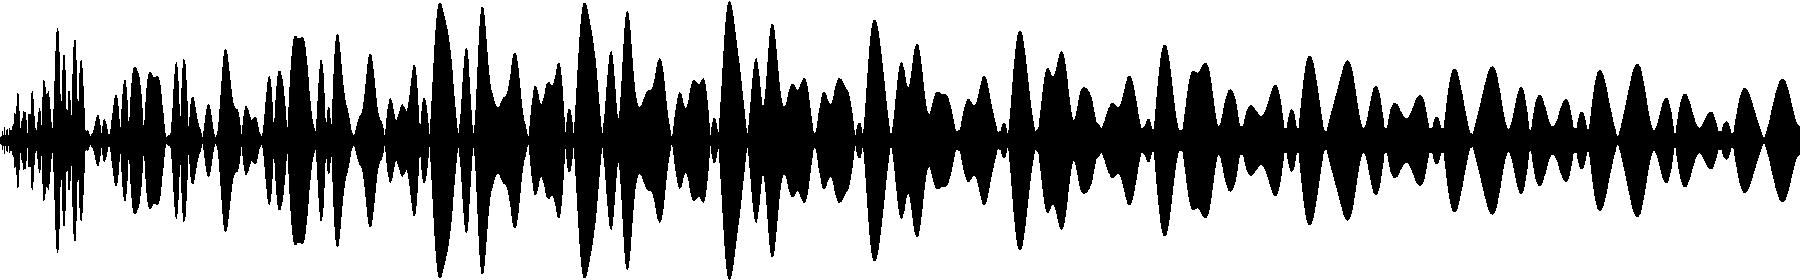 vedh bass cut 062 f